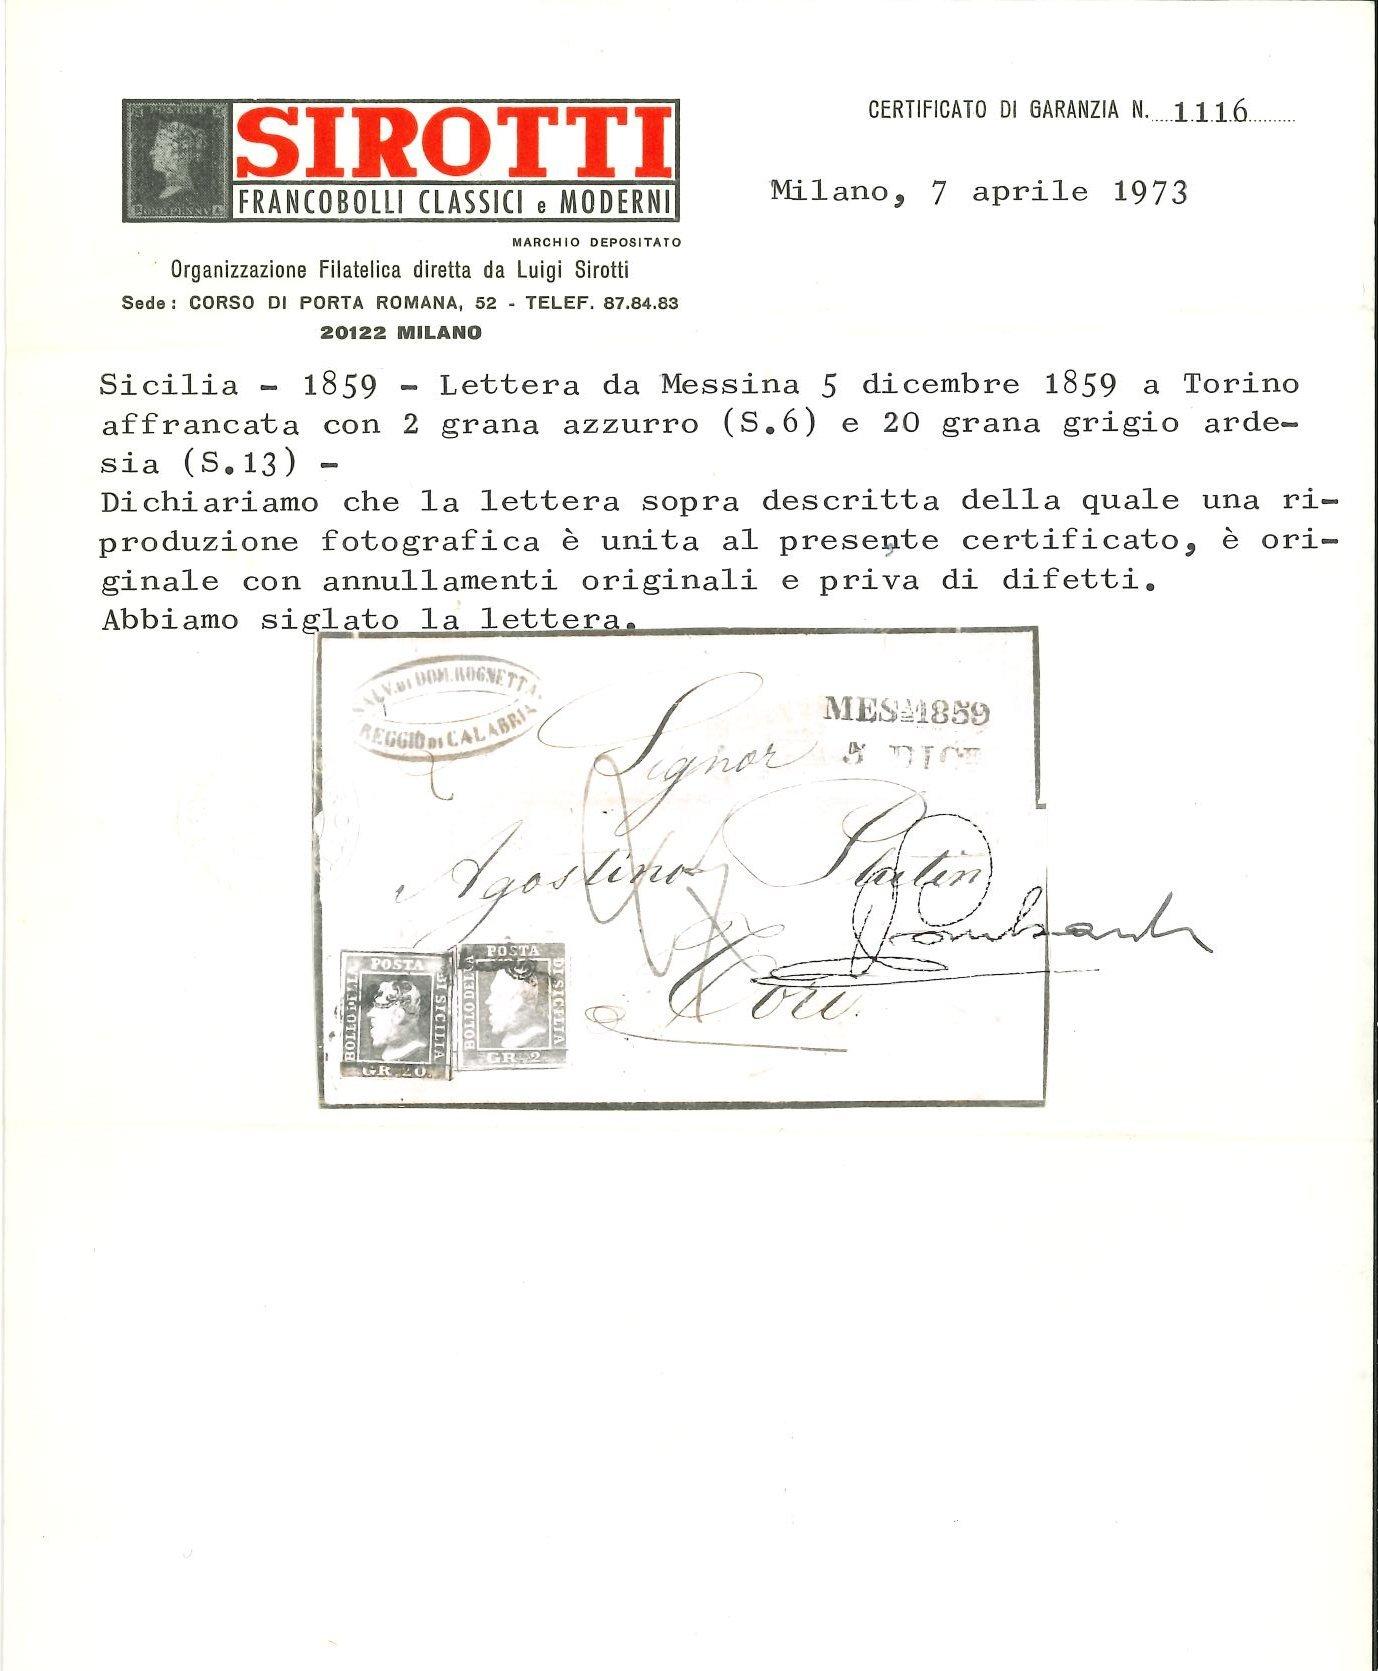 Lot 2409 - sicilia Individual lots -  Ponte Auction House Stamps Auction 505